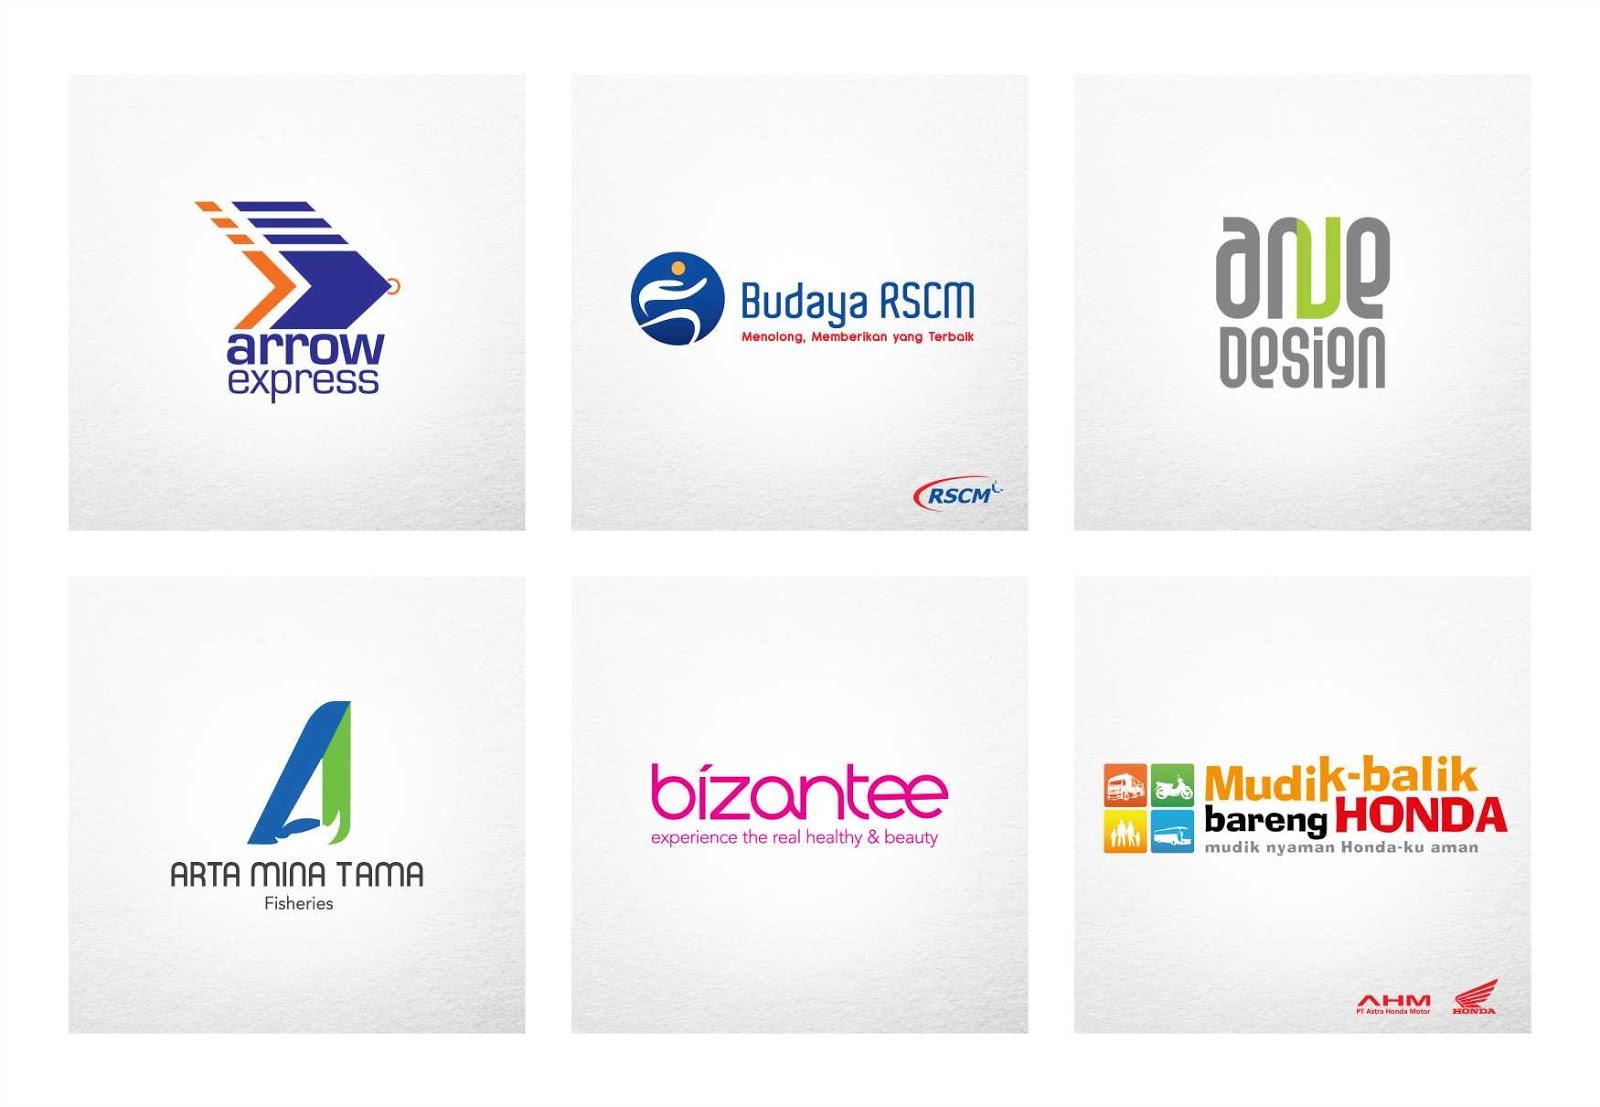 Desain logo haruslah menjadi atensi terpenting bagi sebuah perusahaaan